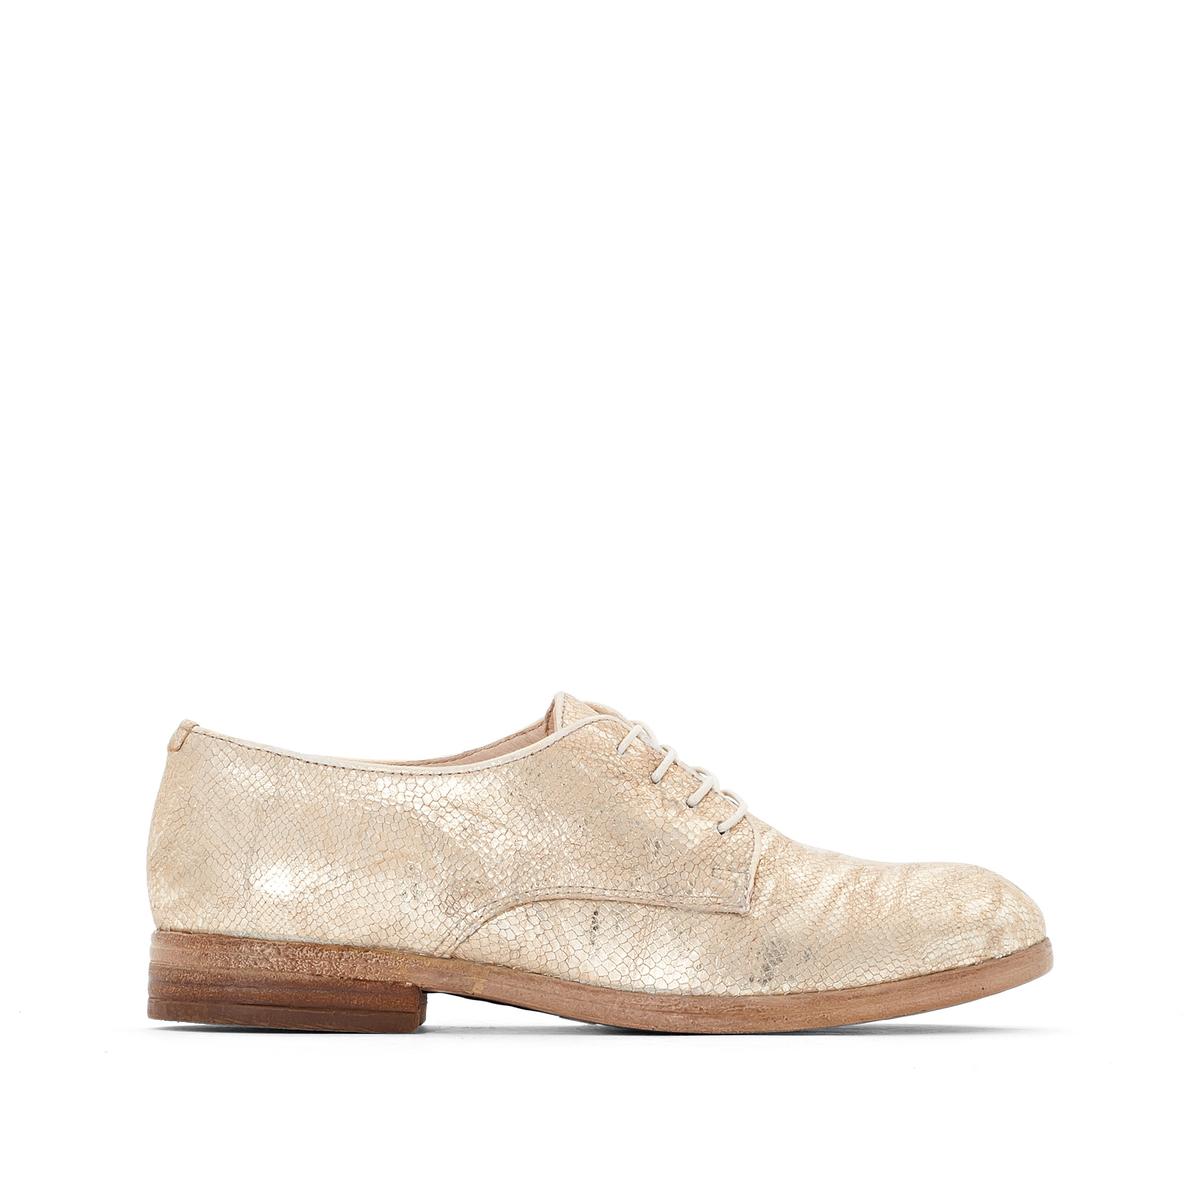 Ботинки-дерби из кожи NicoleВерх/Голенище: кожа.  Подкладка: кожа.  Стелька: кожа.  Подошва: резина.Высота каблука: 2 см.Форма каблука: плоский каблук.Мысок: закругленный.Застежка: шнуровка.<br><br>Цвет: золотистый<br>Размер: 36